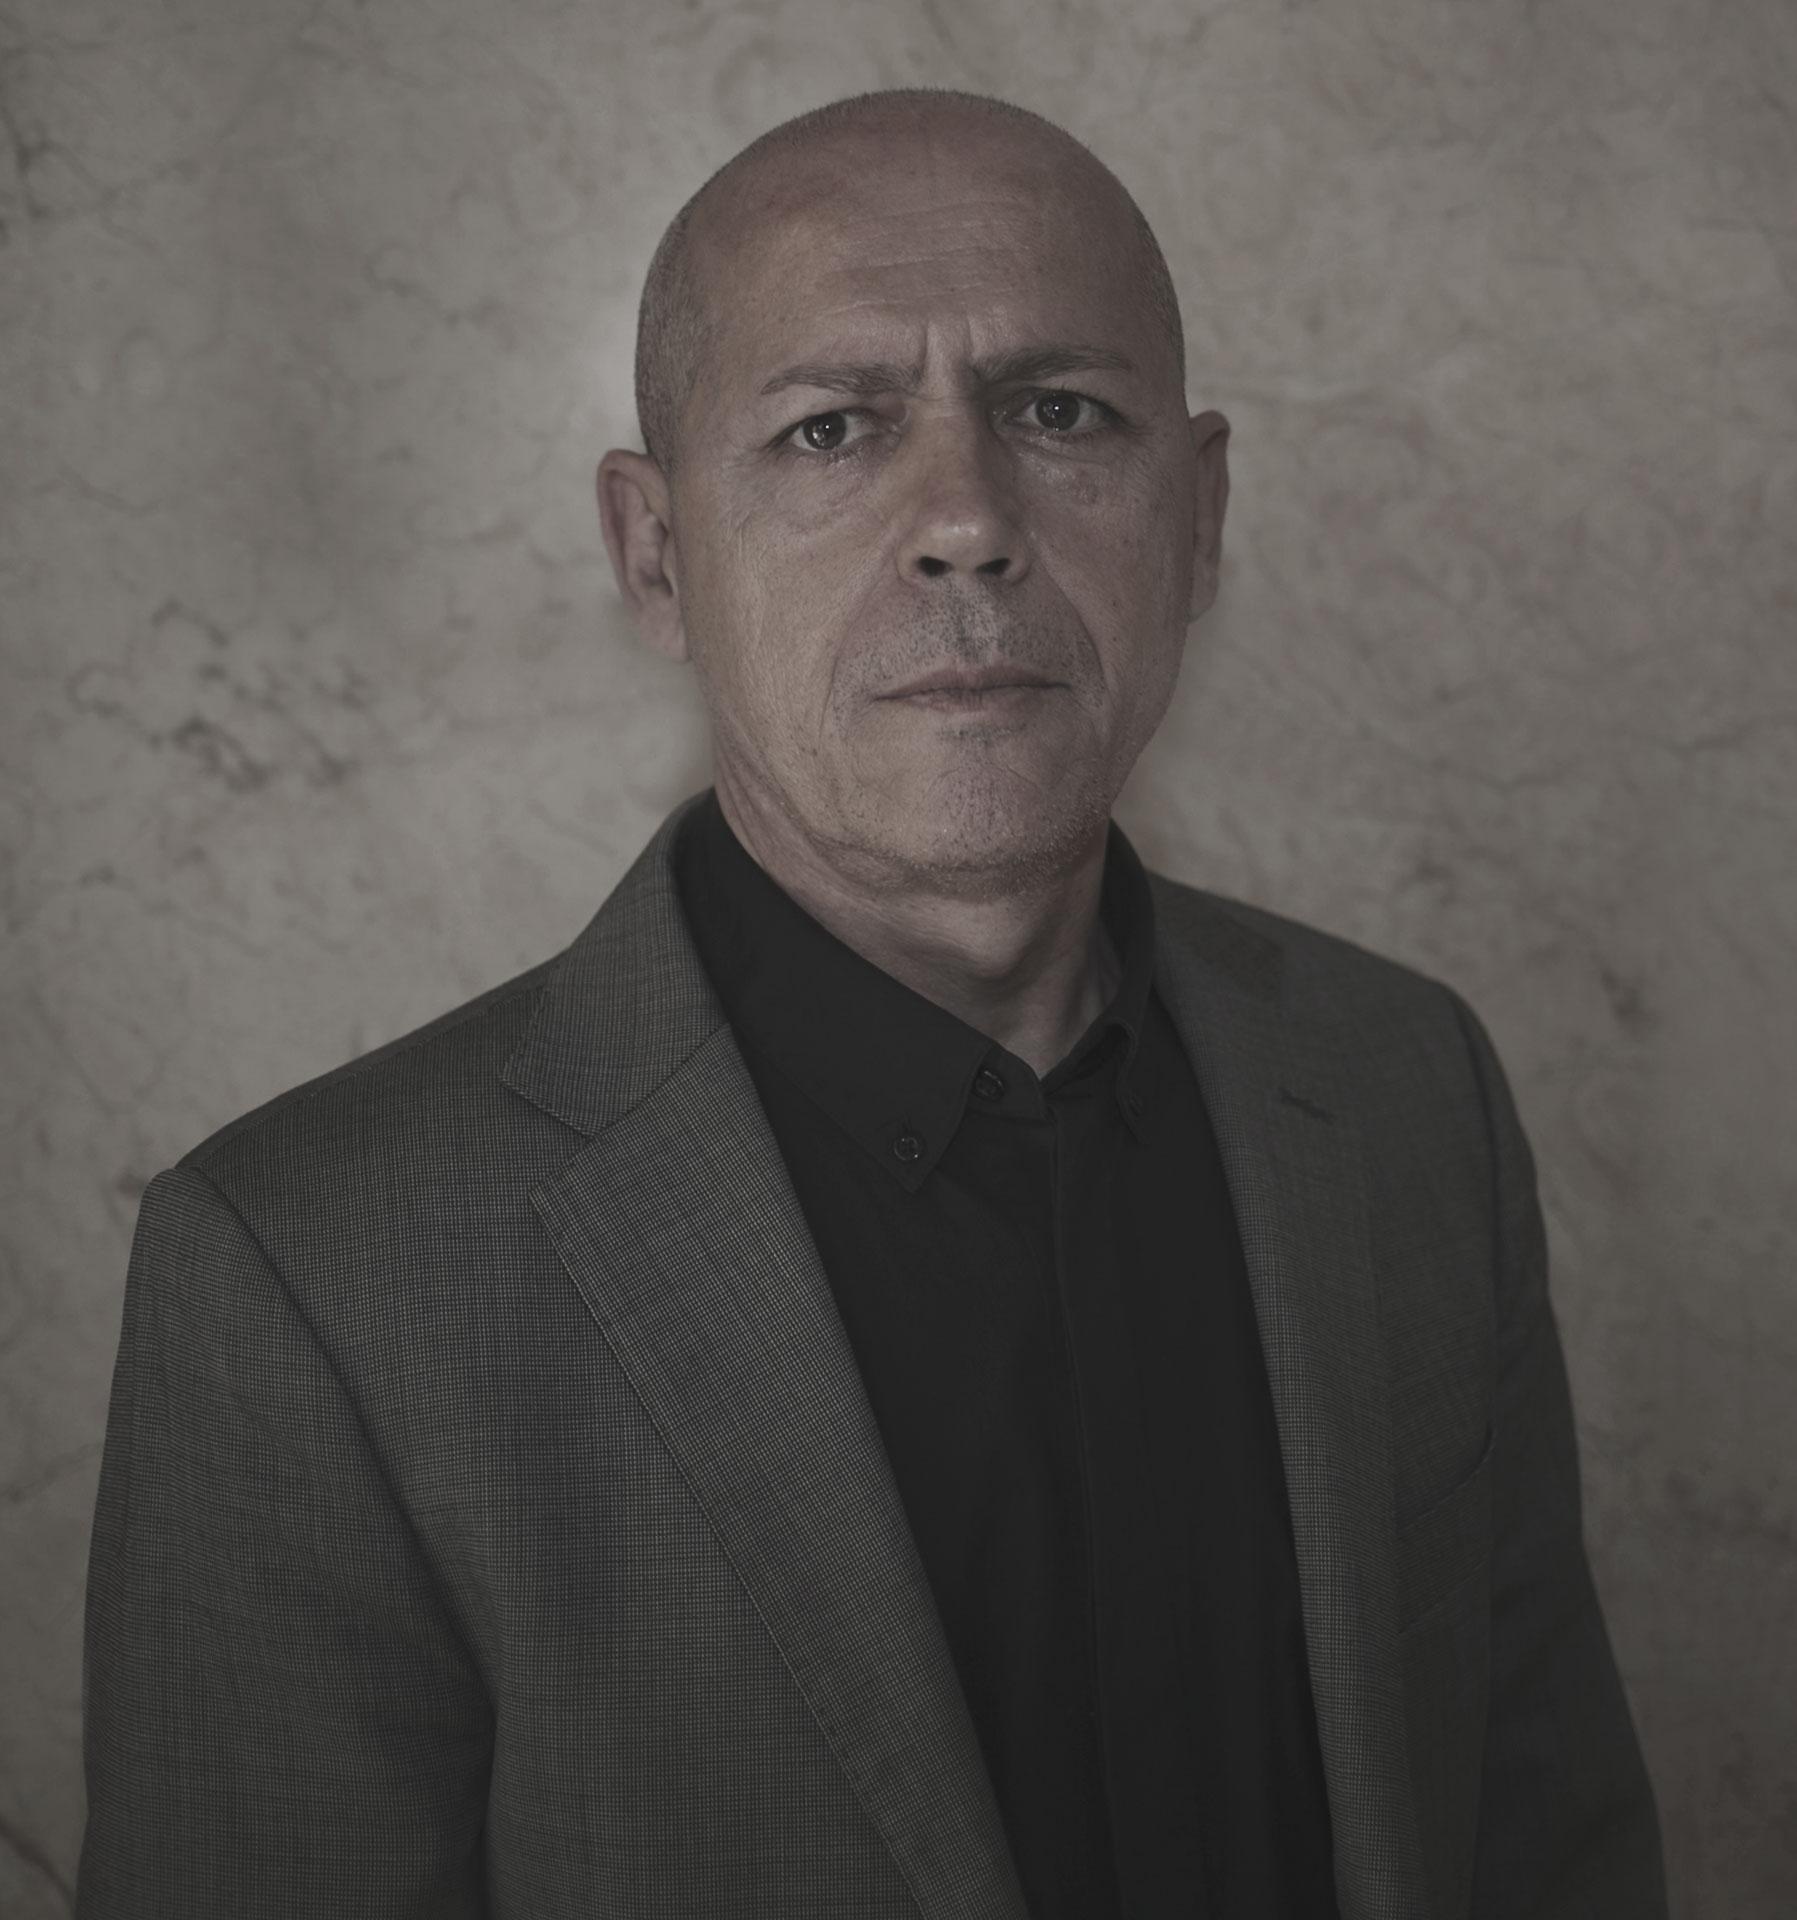 Miguel Ángel Planas Moreno